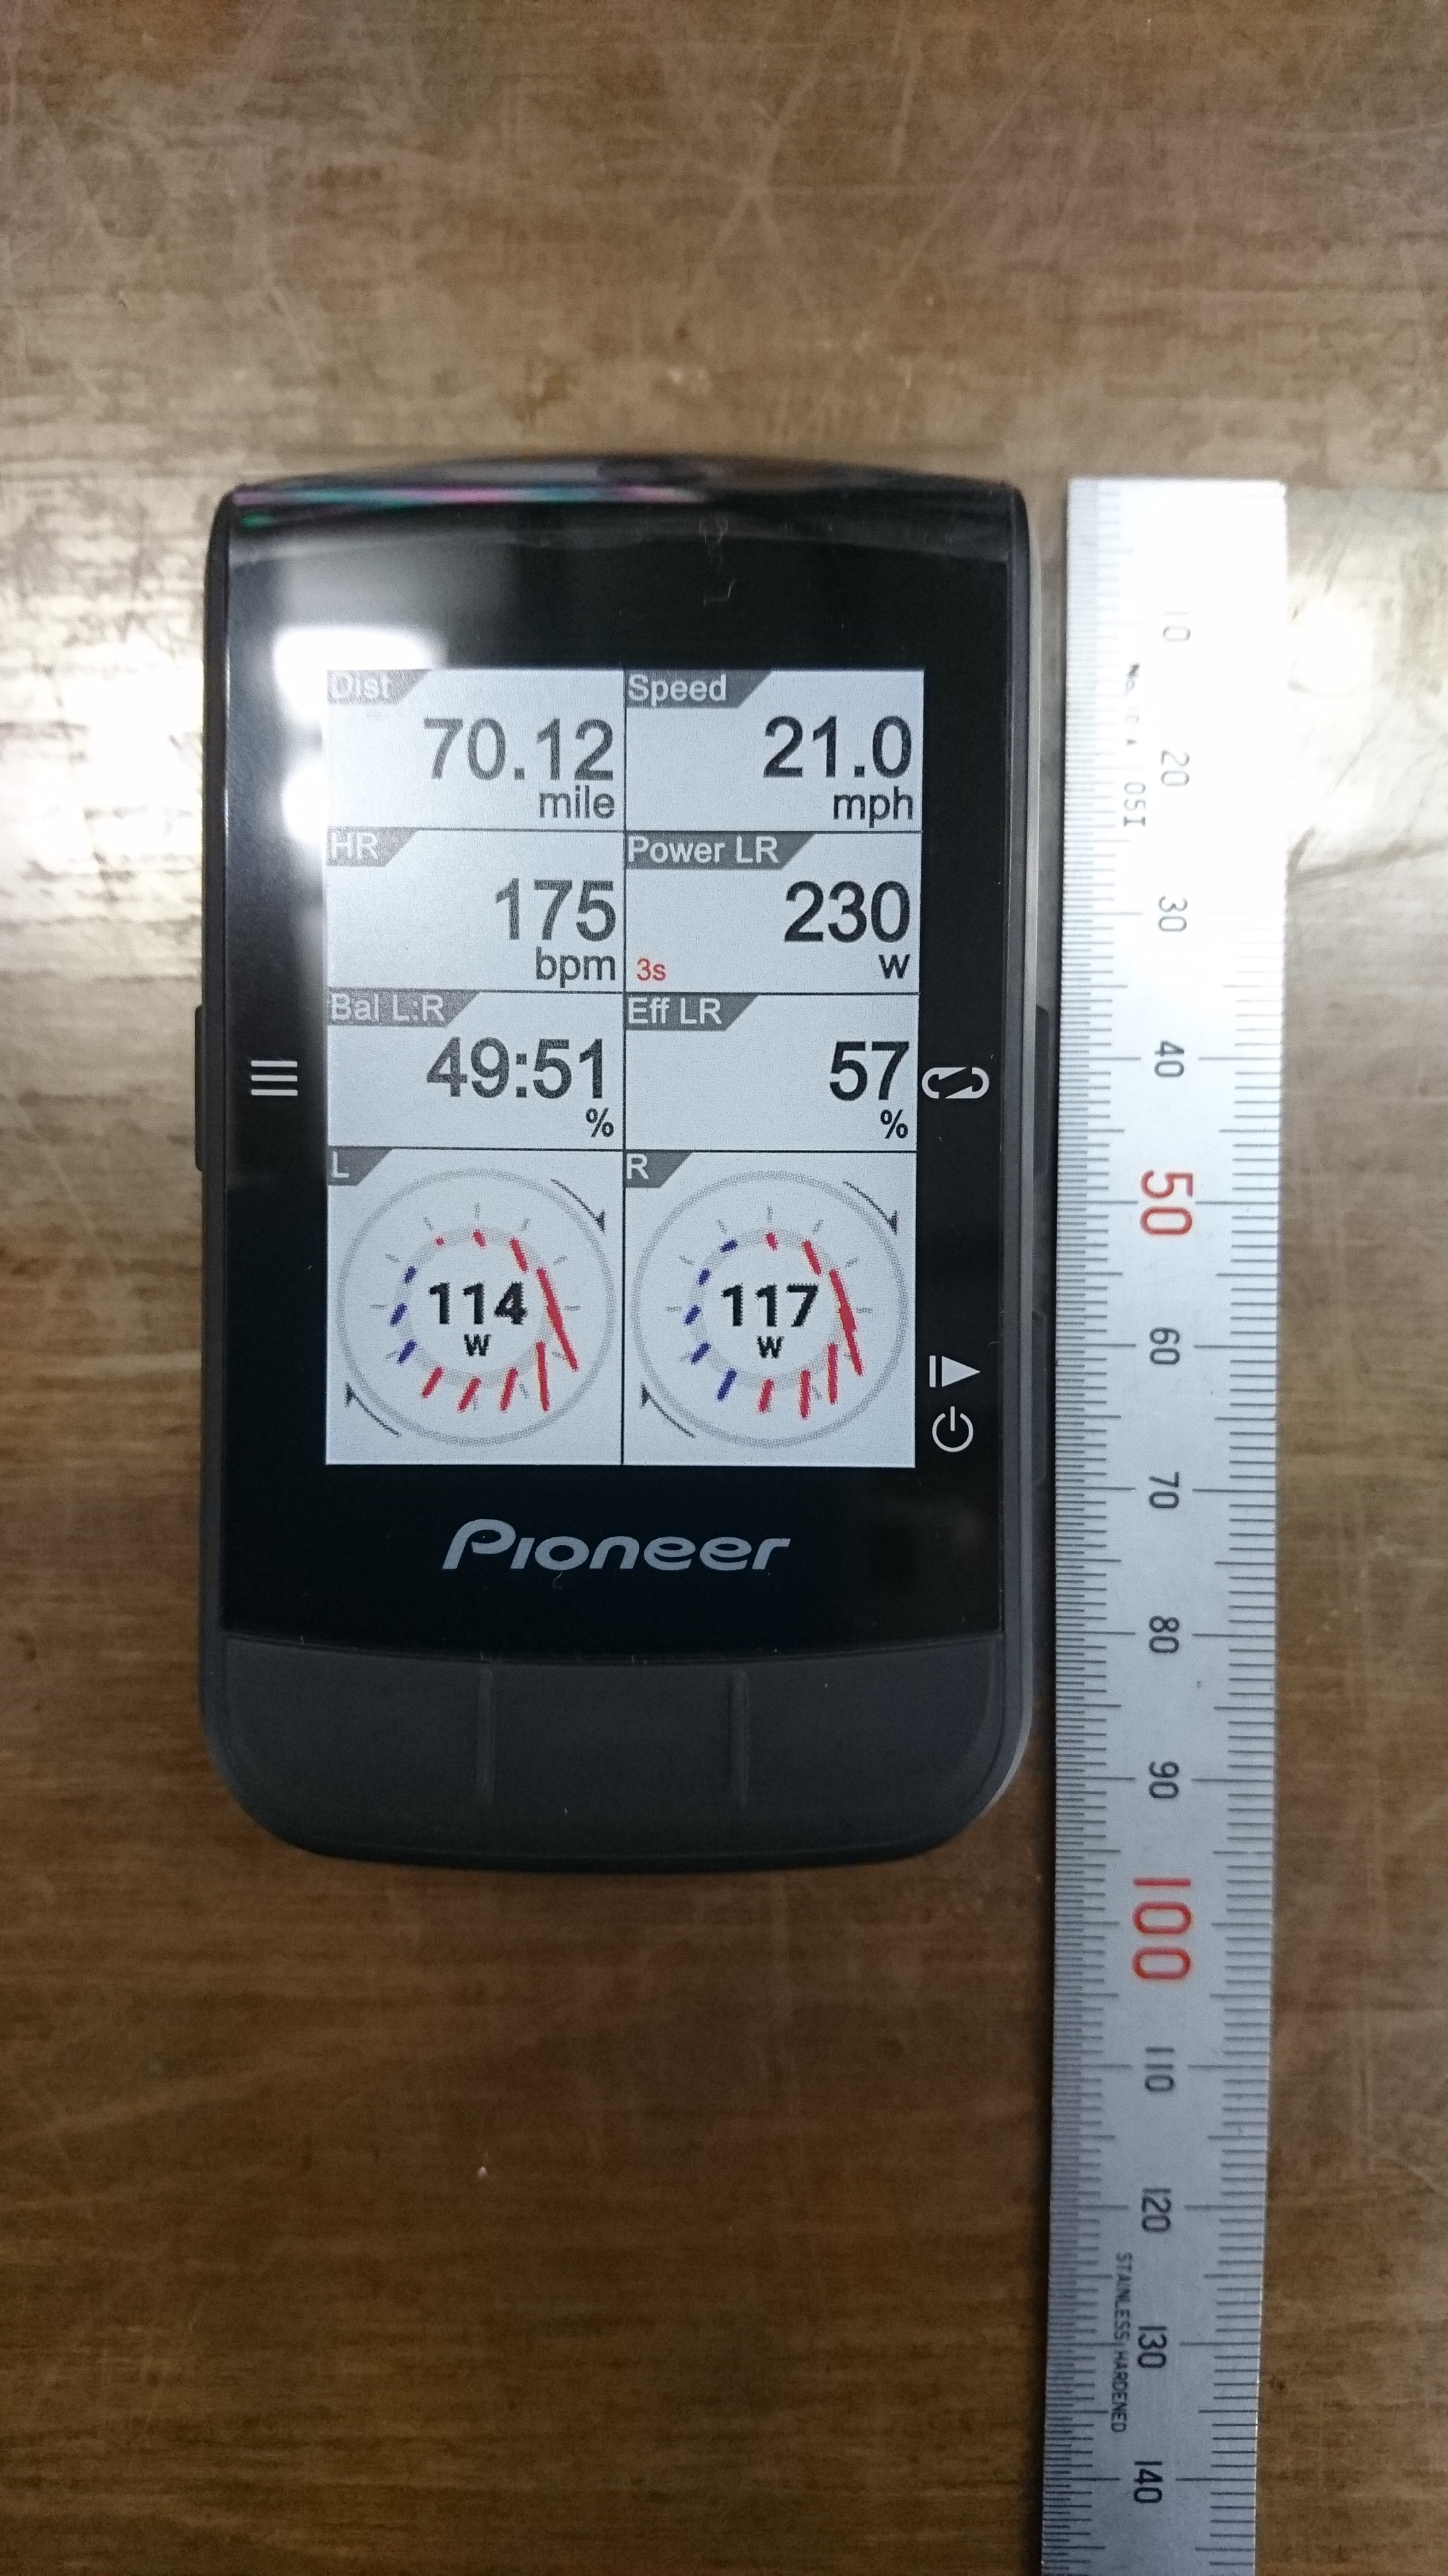 パイオニア GPSサイクルコンピュータSGX-CA600入荷